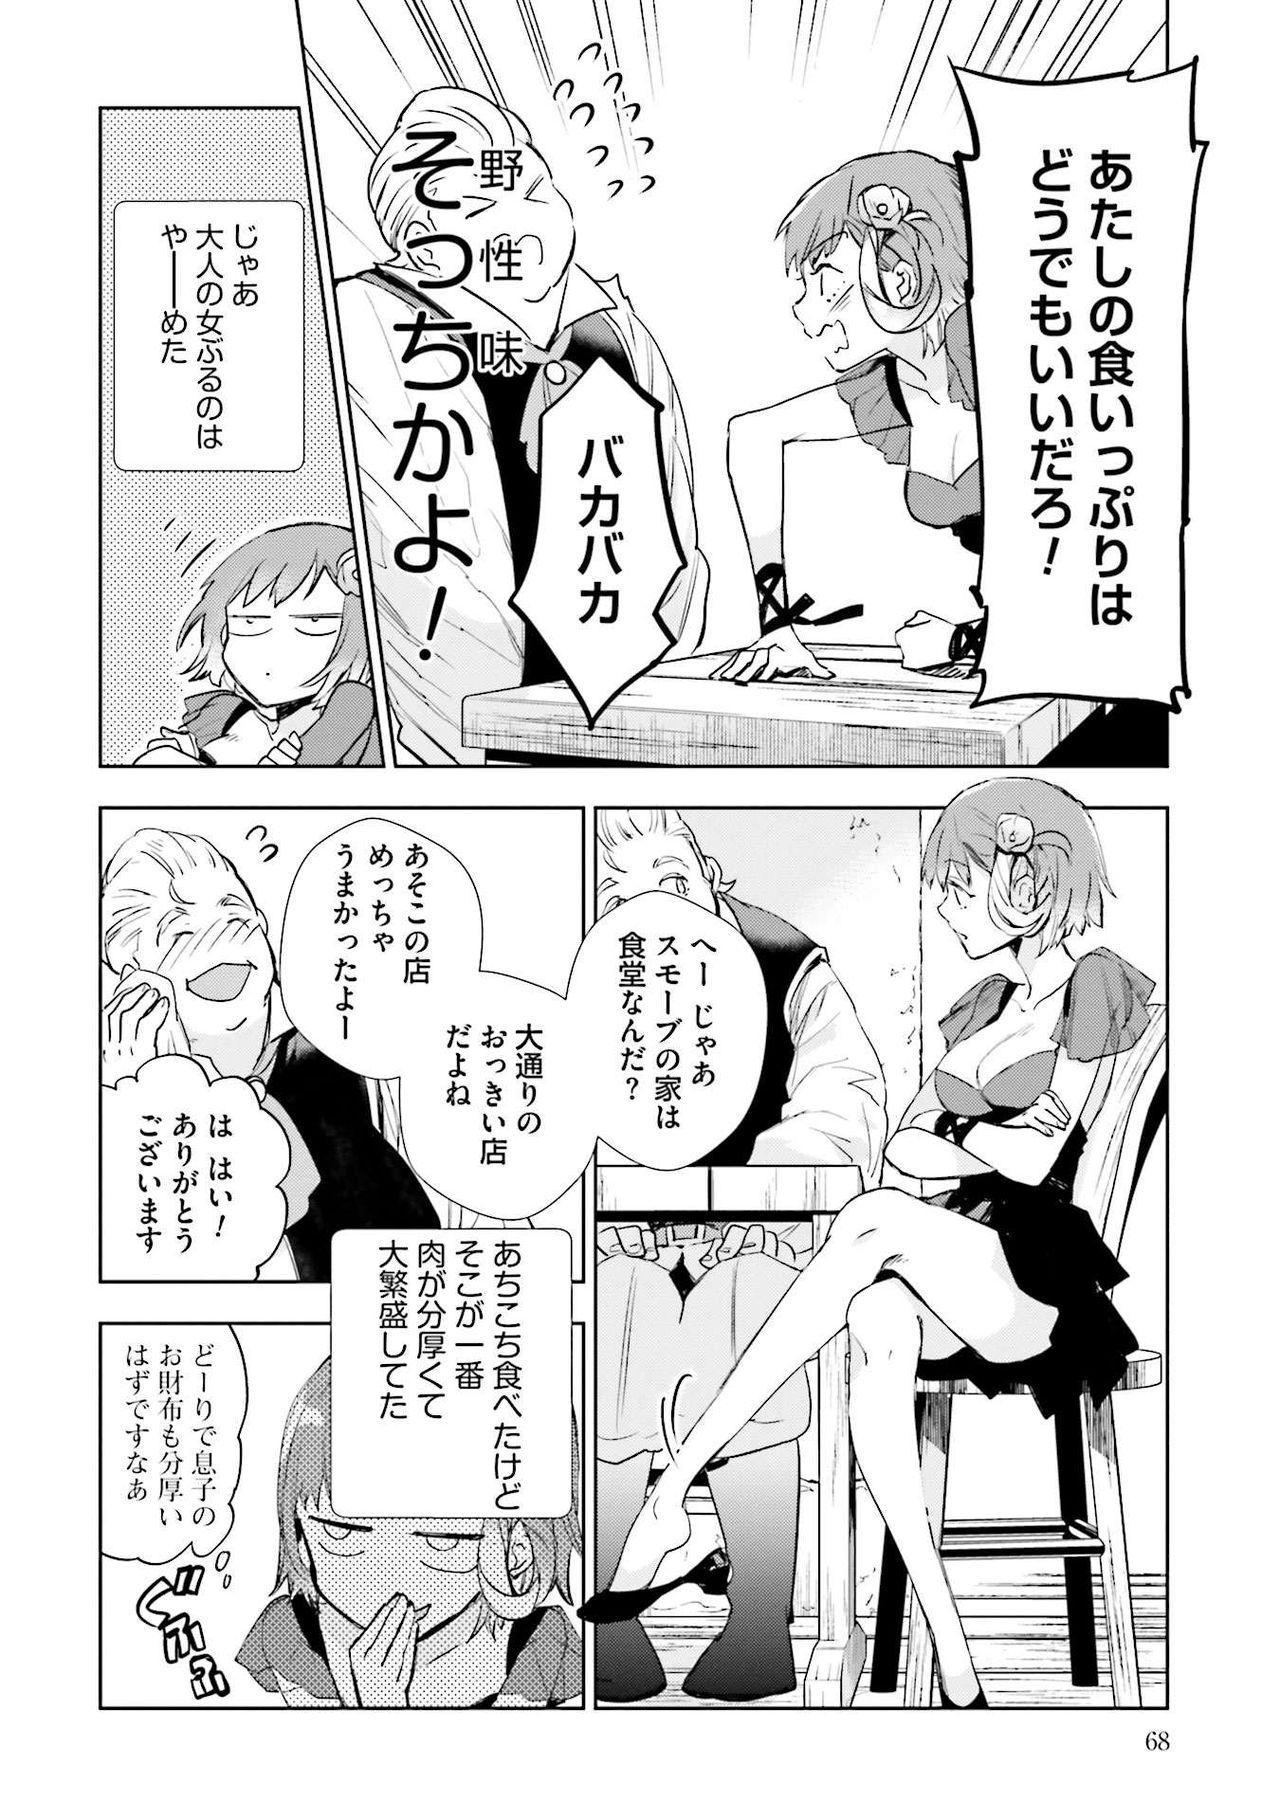 JK Haru wa Isekai de Shoufu ni Natta 1-14 69